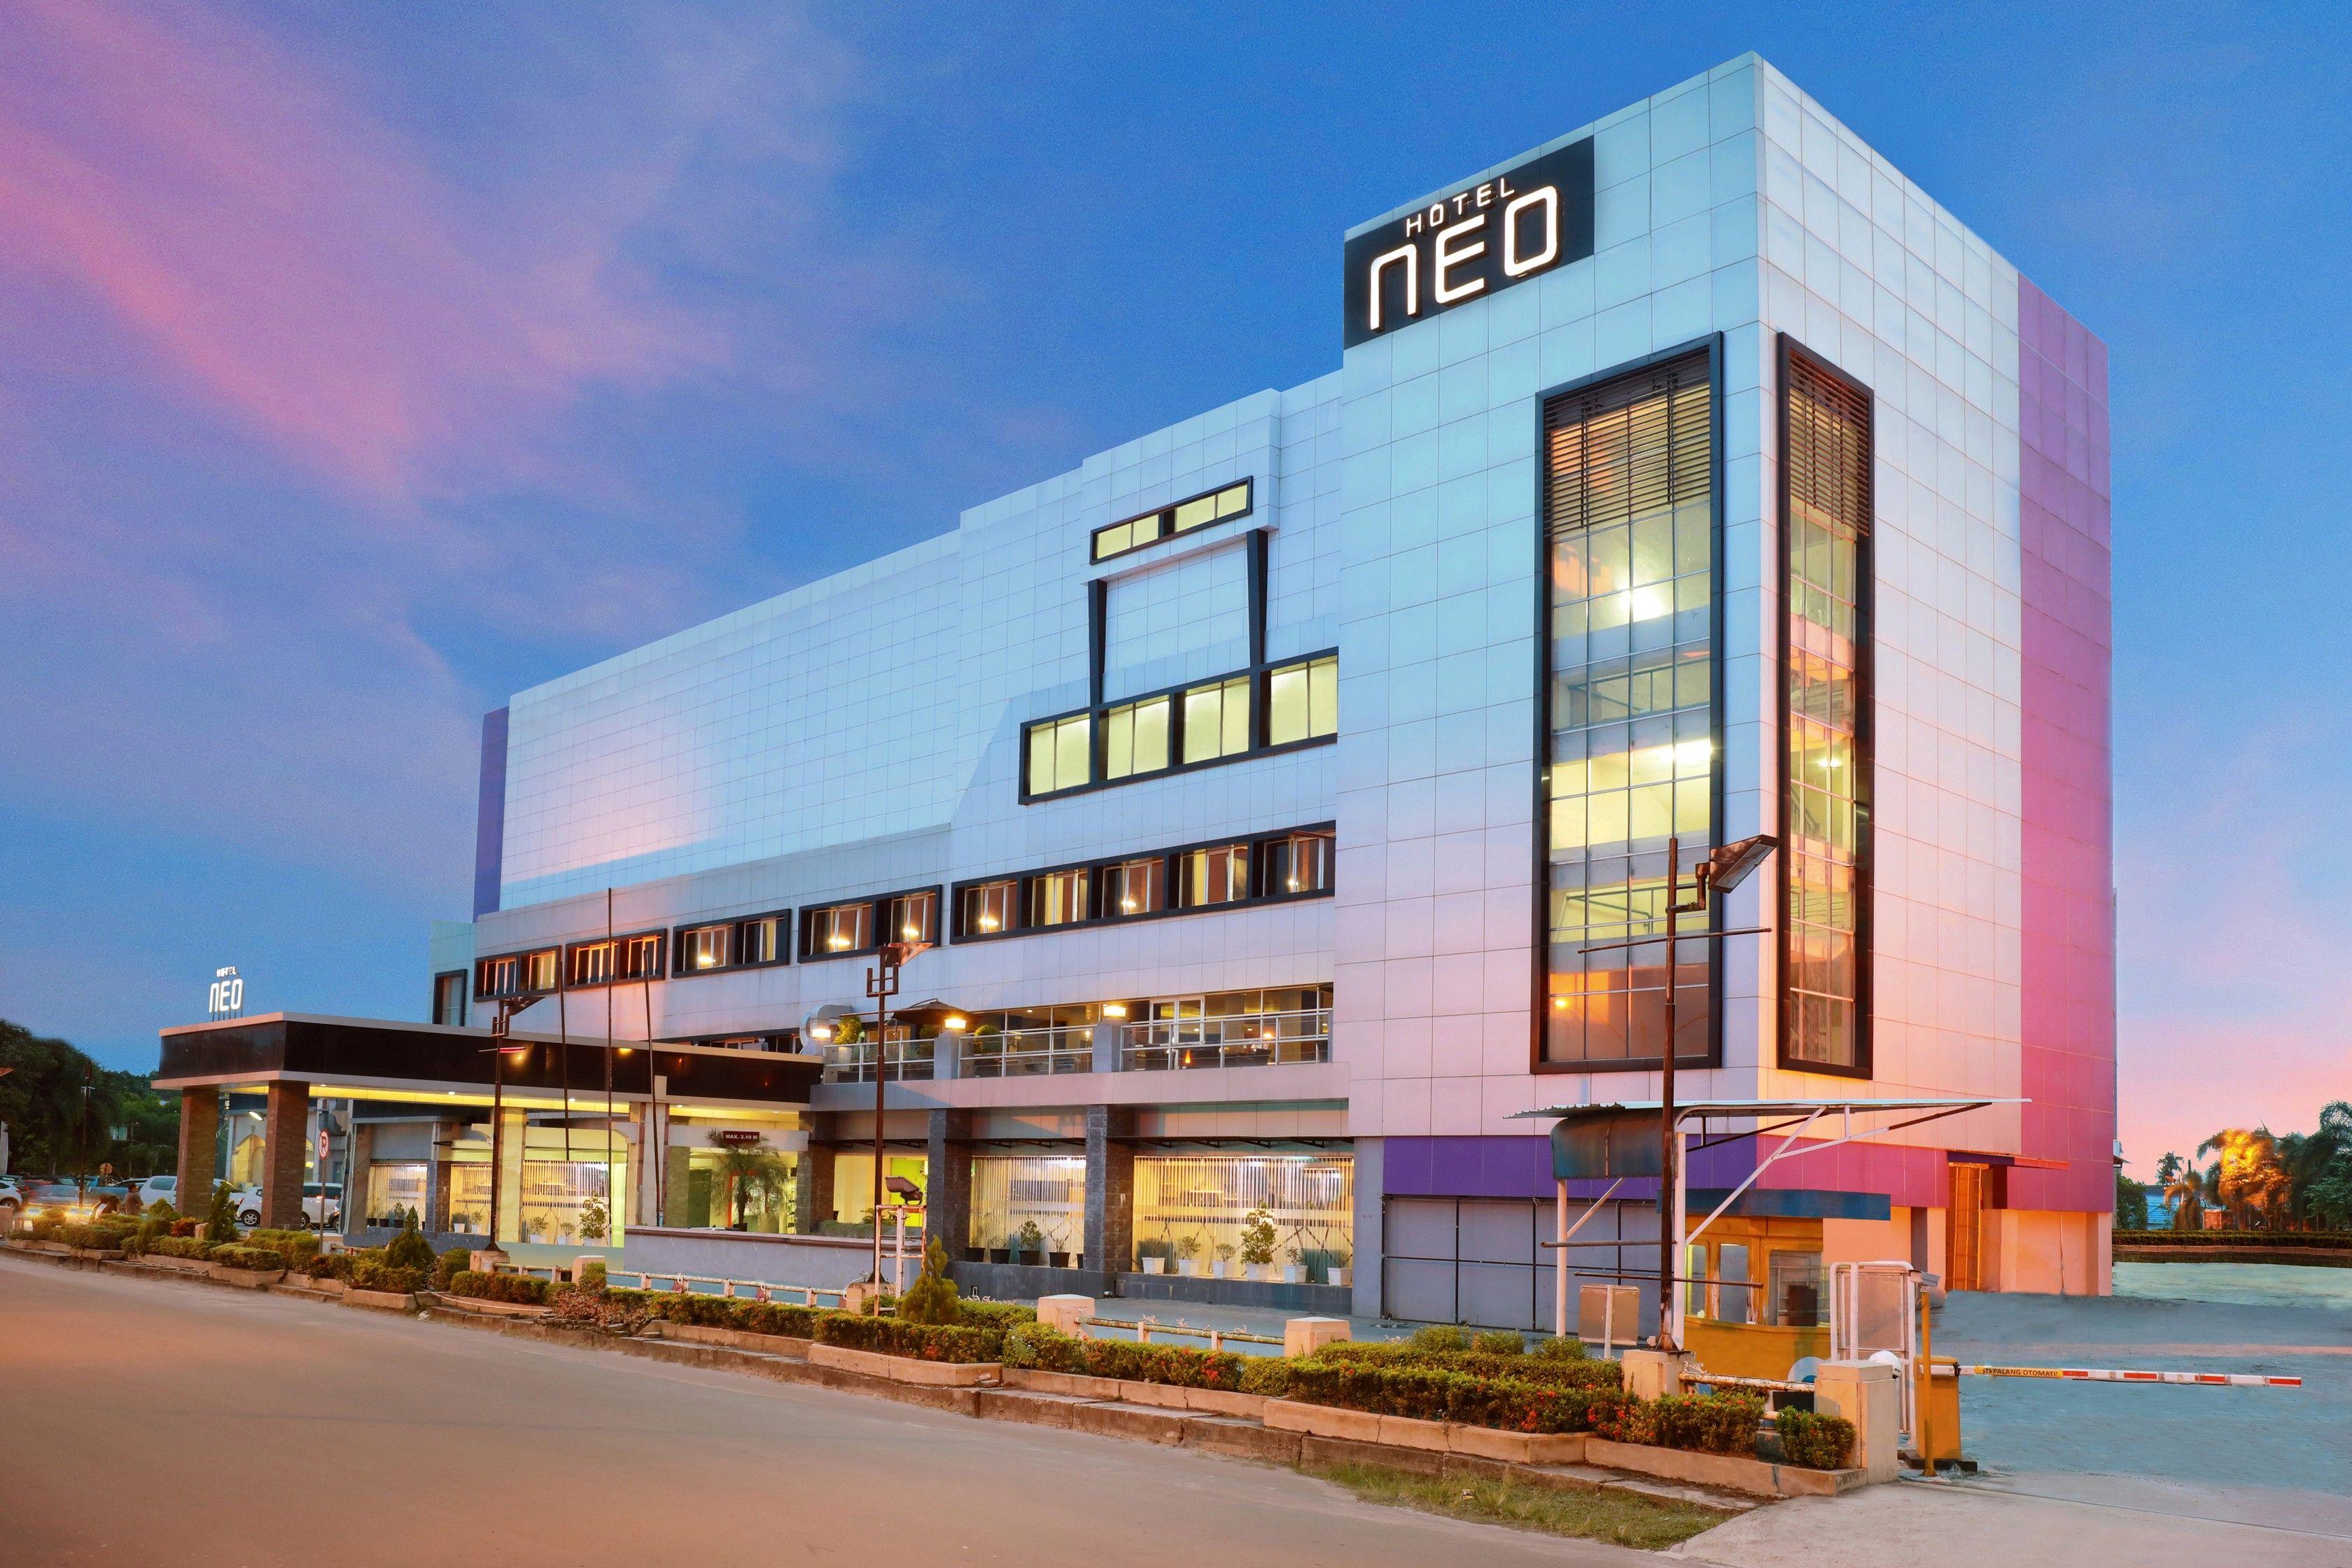 Hotel Neo Palma Palangkaraya, Palangka Raya